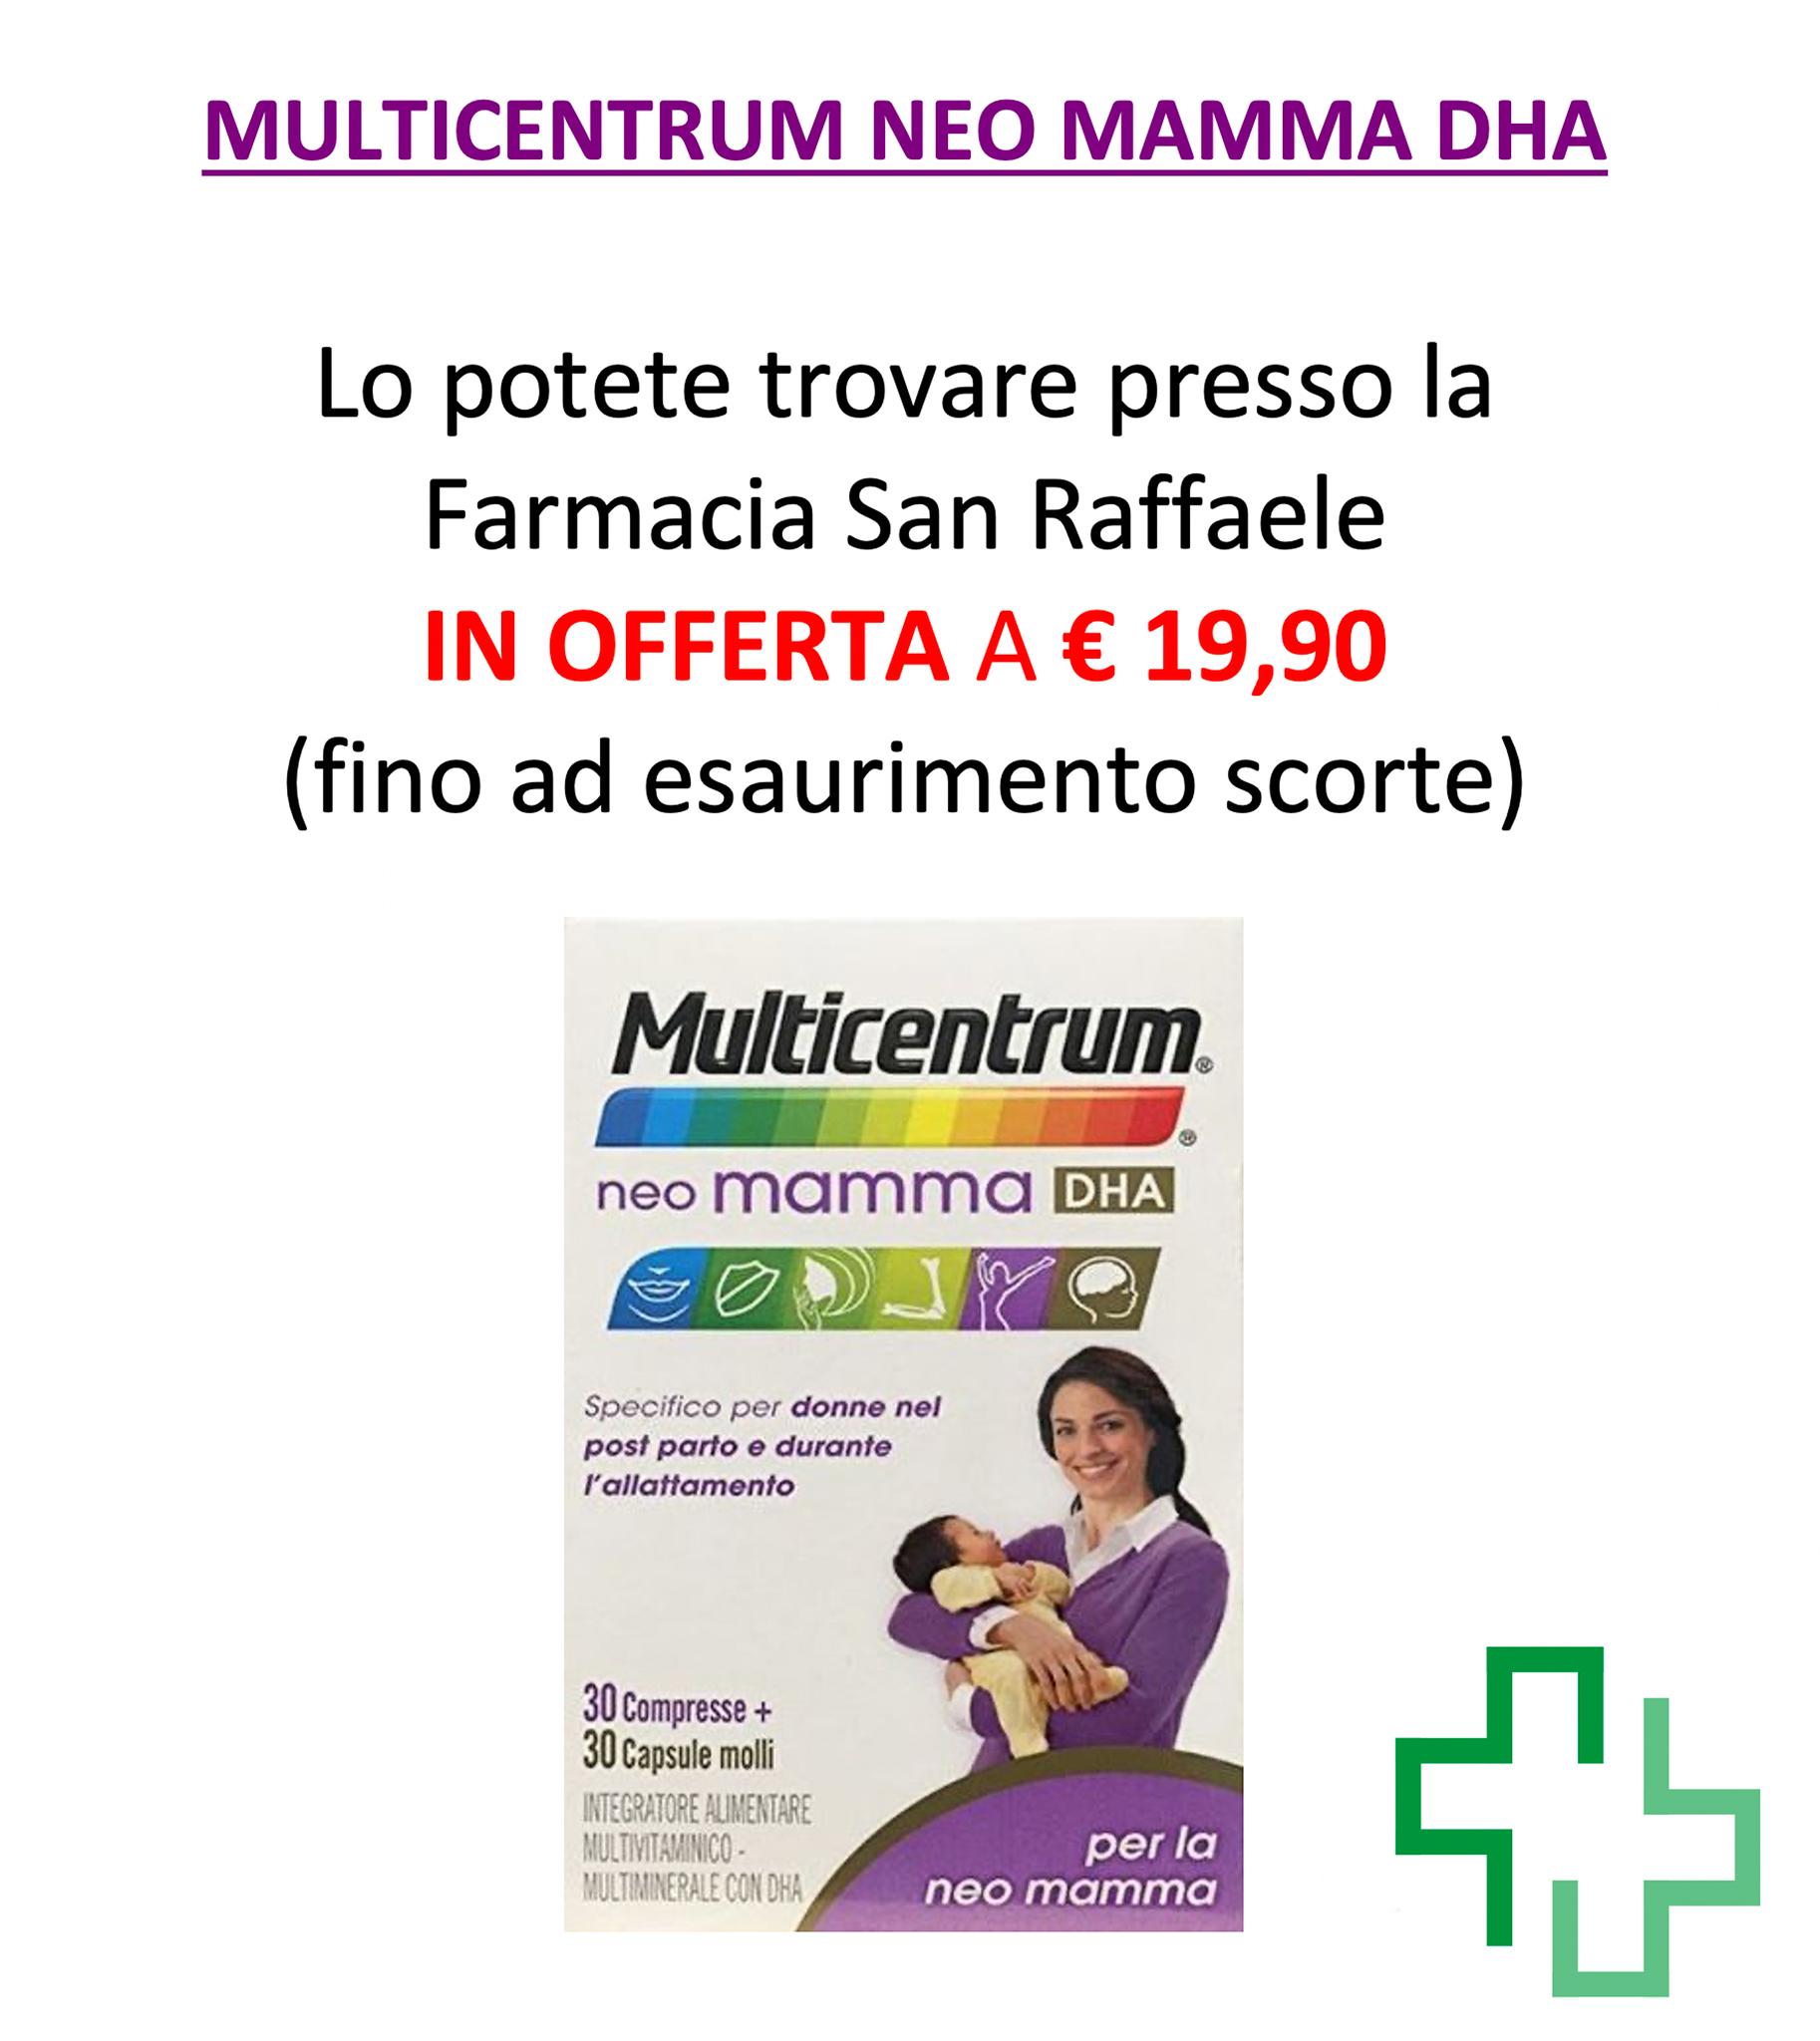 Multicentrum Neo Mamma DHA